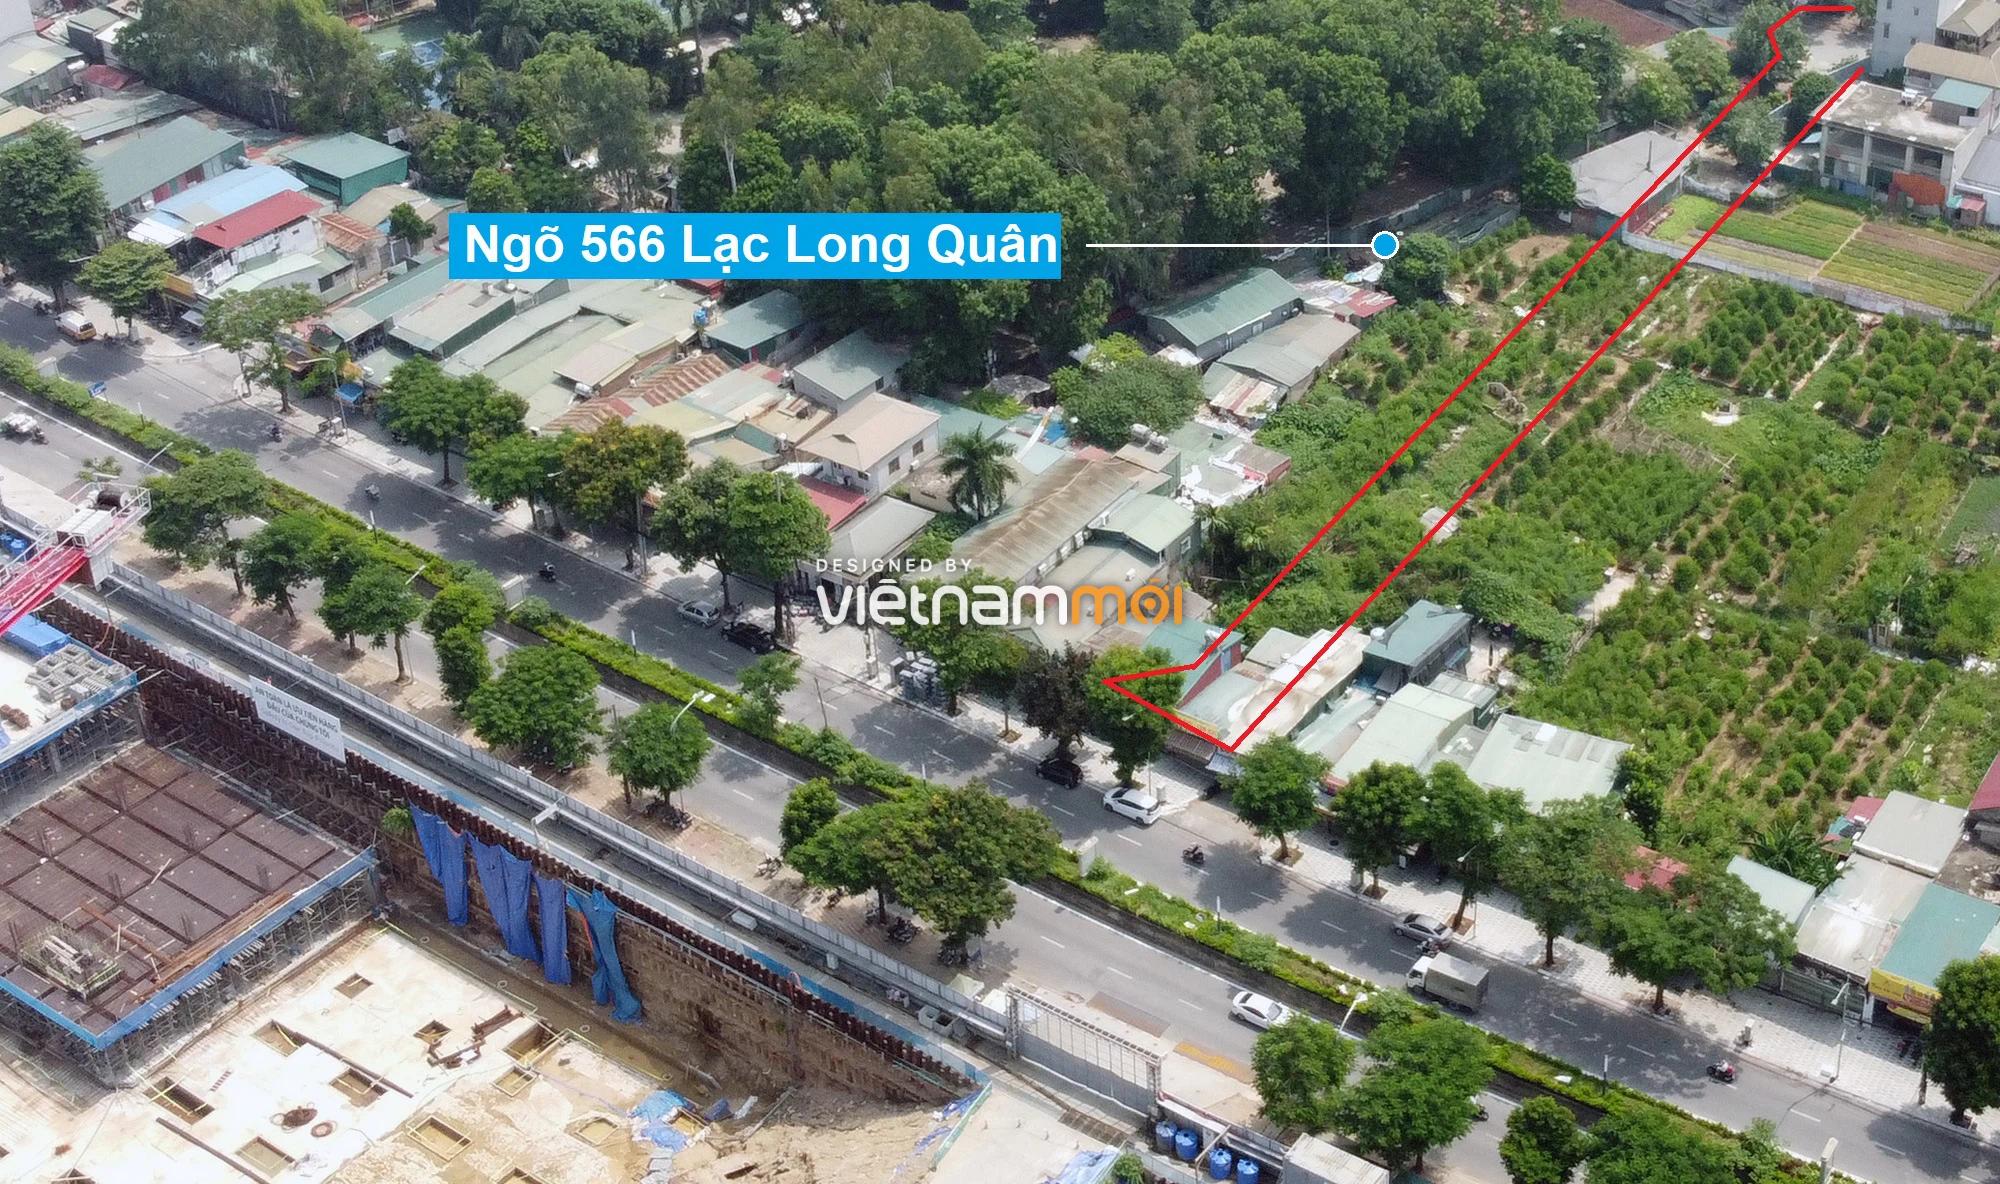 Những khu đất sắp thu hồi để mở đường ở quận Tây Hồ, Hà Nội (phần 3) - Ảnh 3.